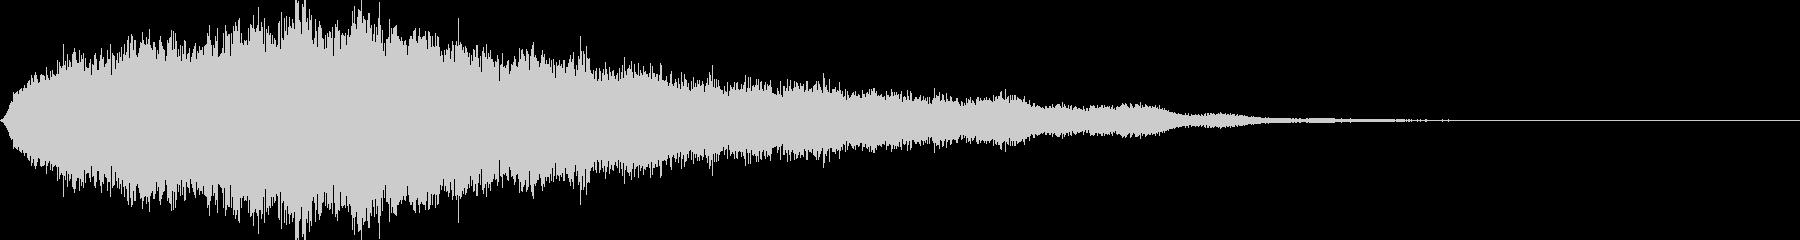 【ダーク・ホラー】アトモスフィア_01の未再生の波形